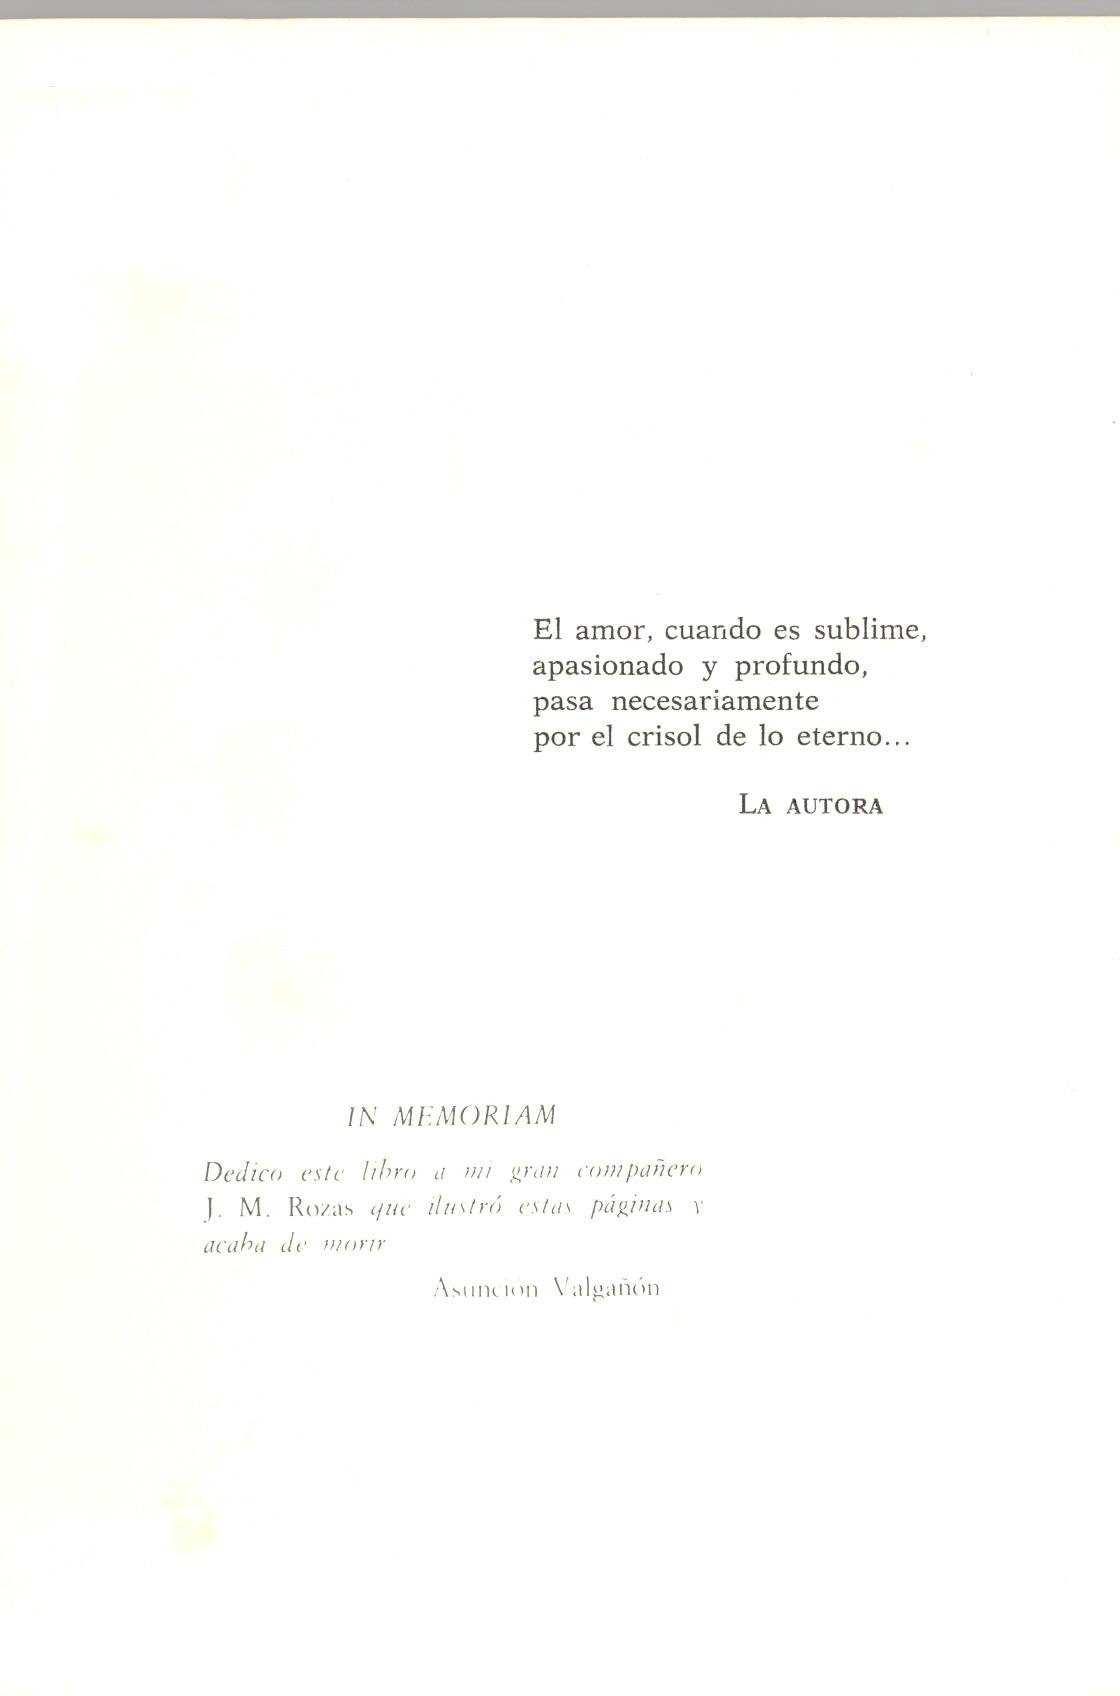 1983 Las moradas - in memorian